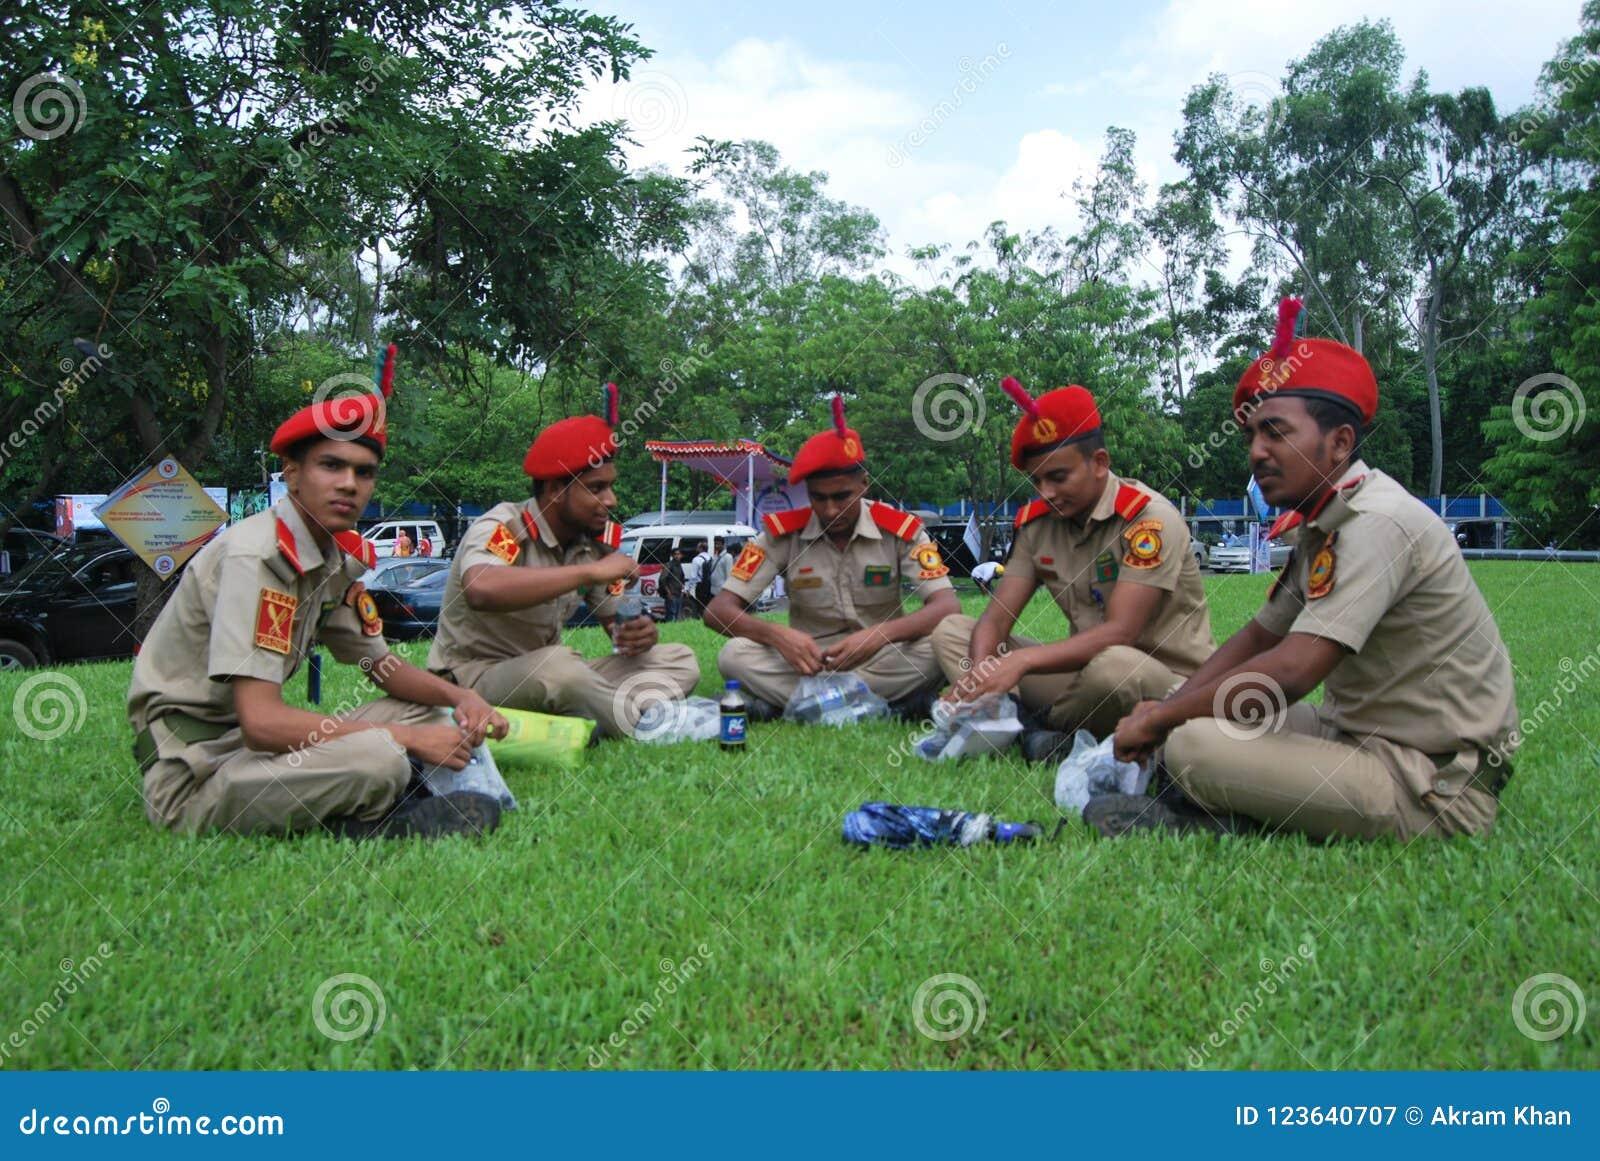 Bangladesh den nationella kadettkåren BNCC är enservice organisation som består av armén, marinen och flygvapnet för skola, c